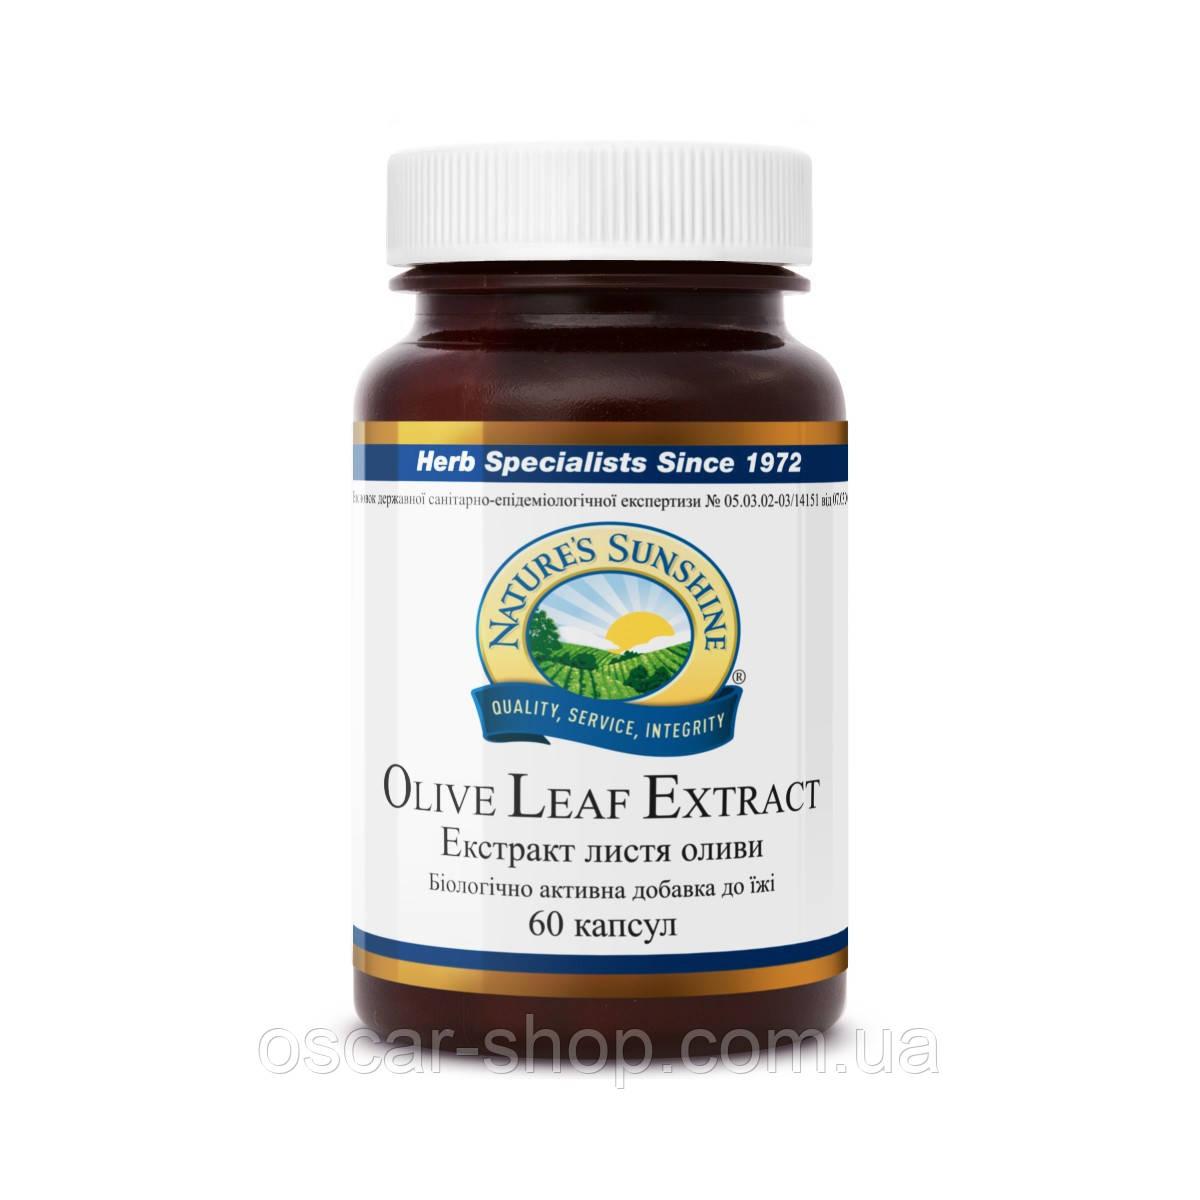 Экстракт листьев оливы  Olive Leaf Extract  - Интернет-магазин ОСКАР в Киеве